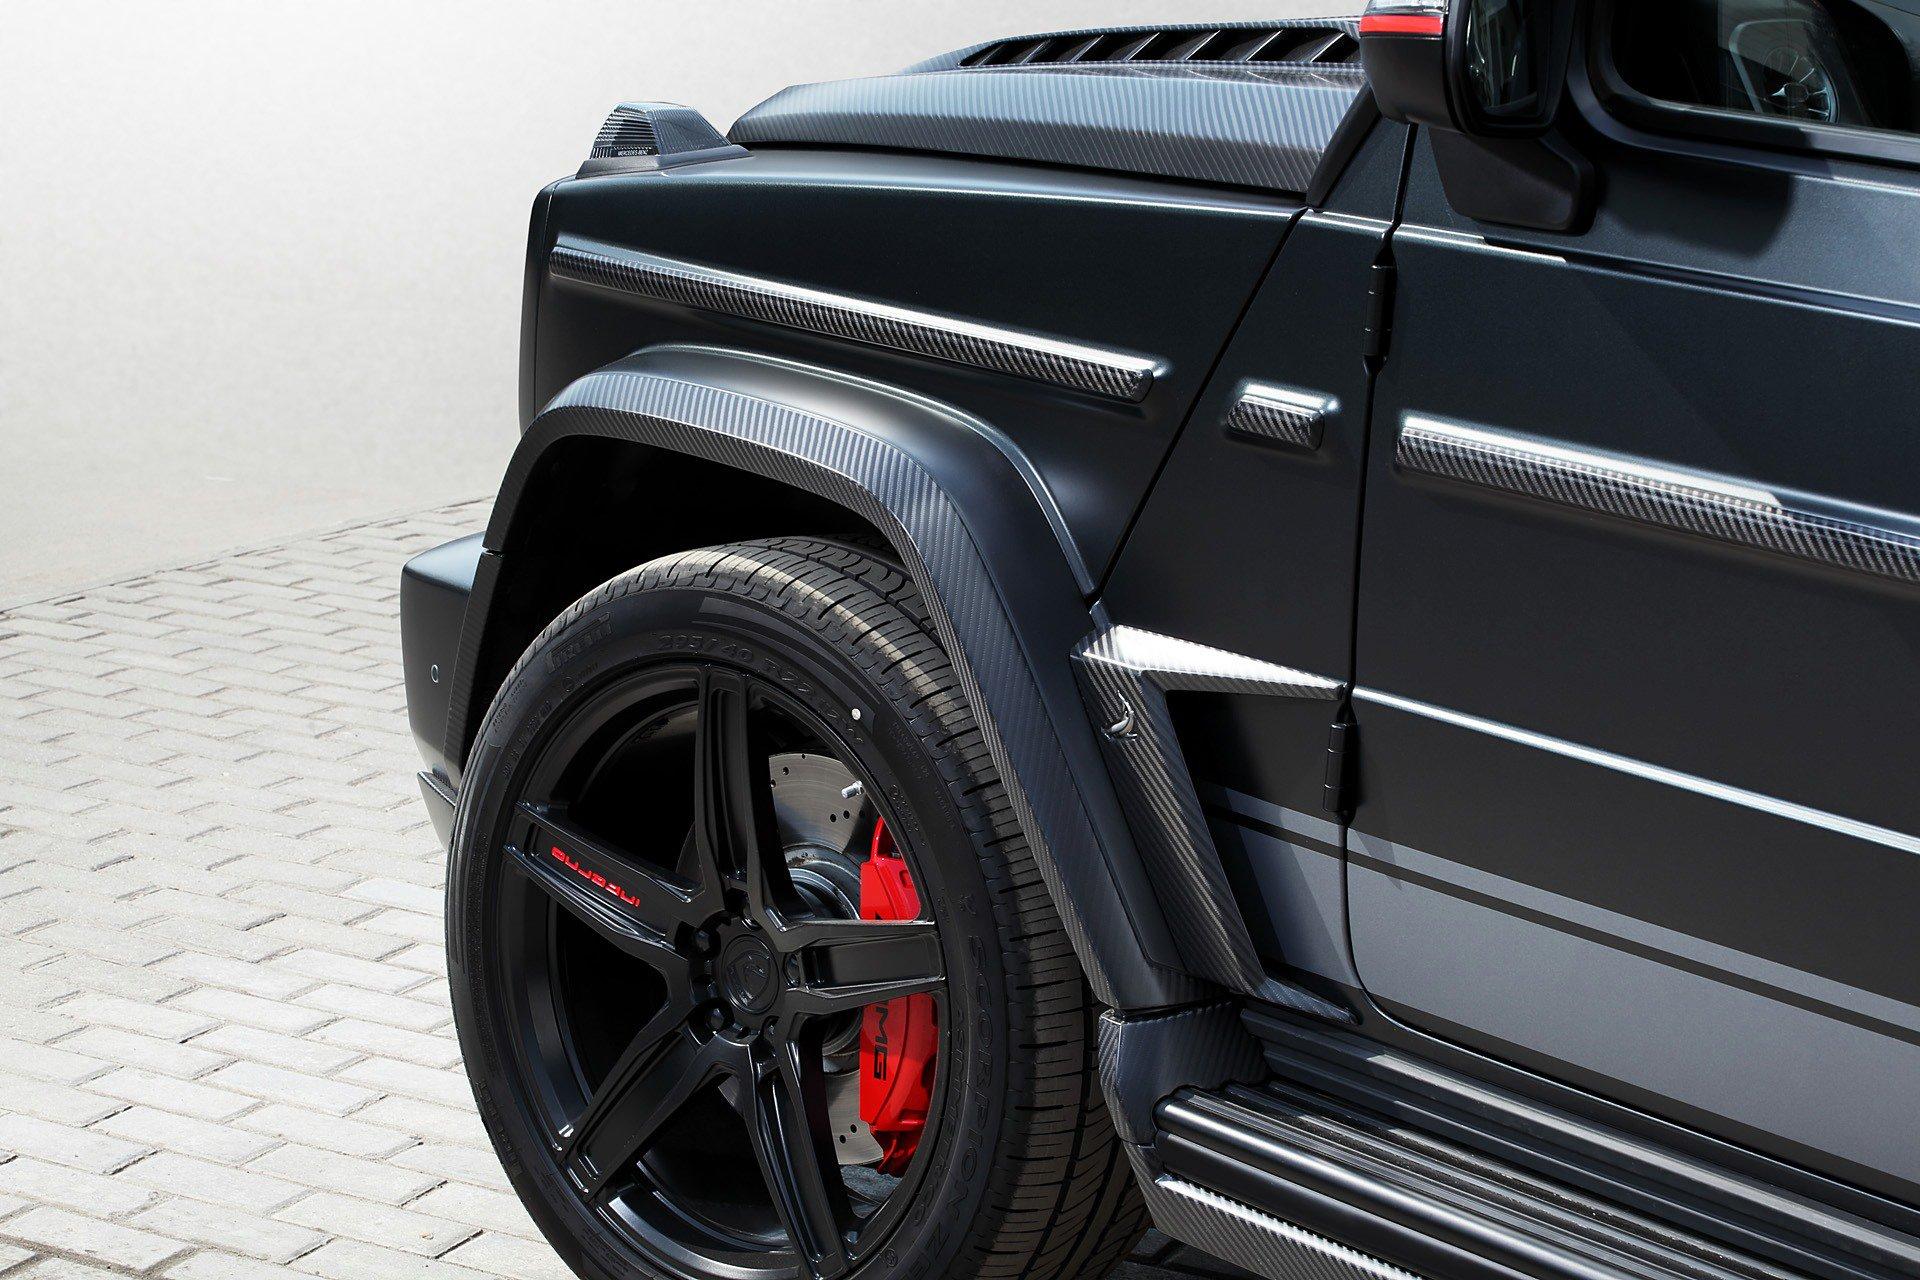 topcar-mercedes-amg-g63-7.jpg